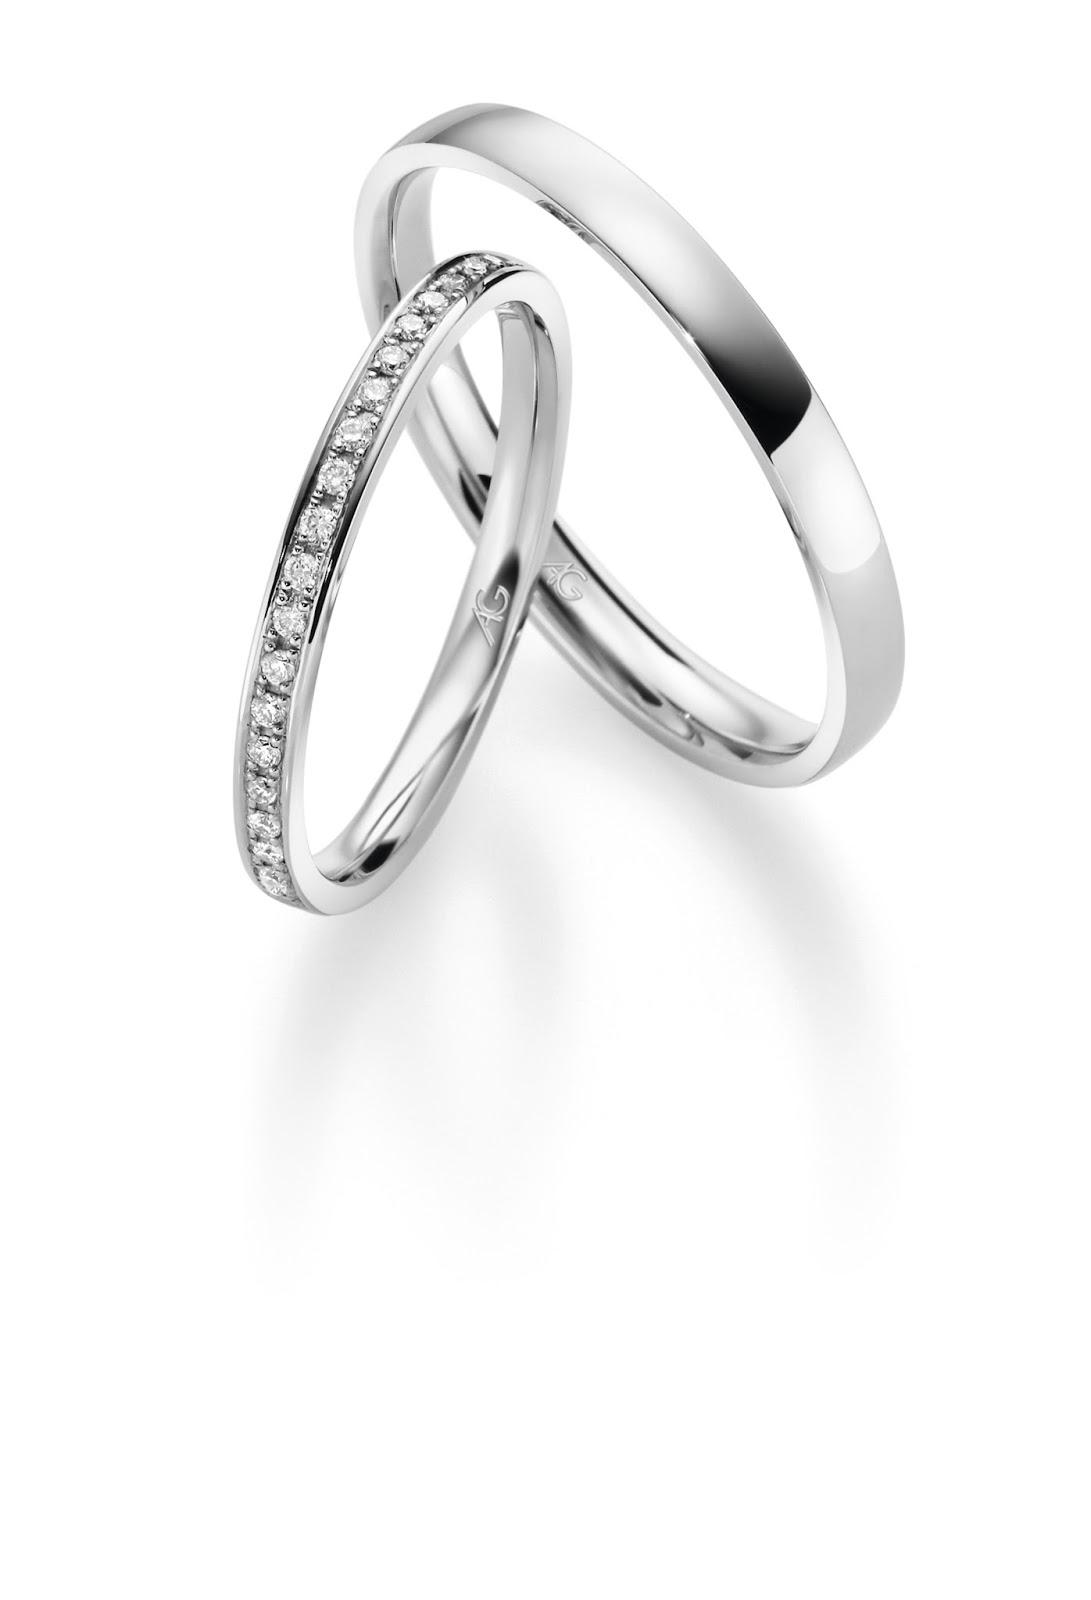 Schmale Ringe Zum Kombinieren